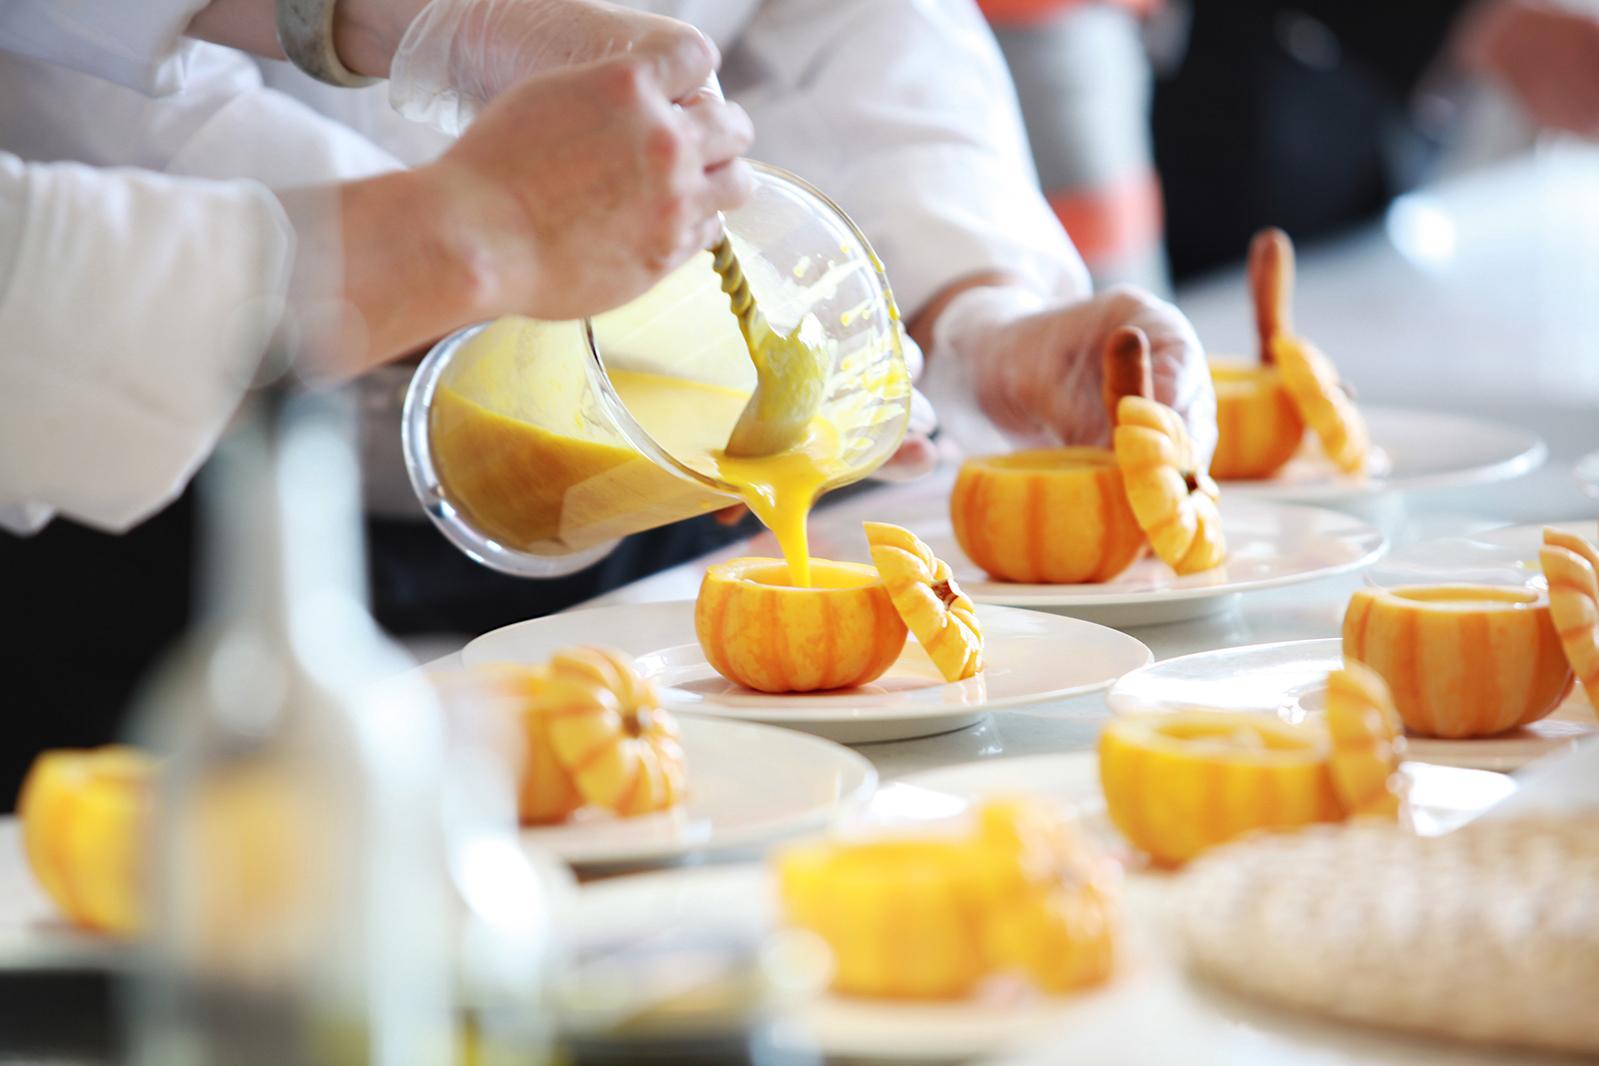 Restaurant Pelegrini Šibenik: 2019 Michelin star winner